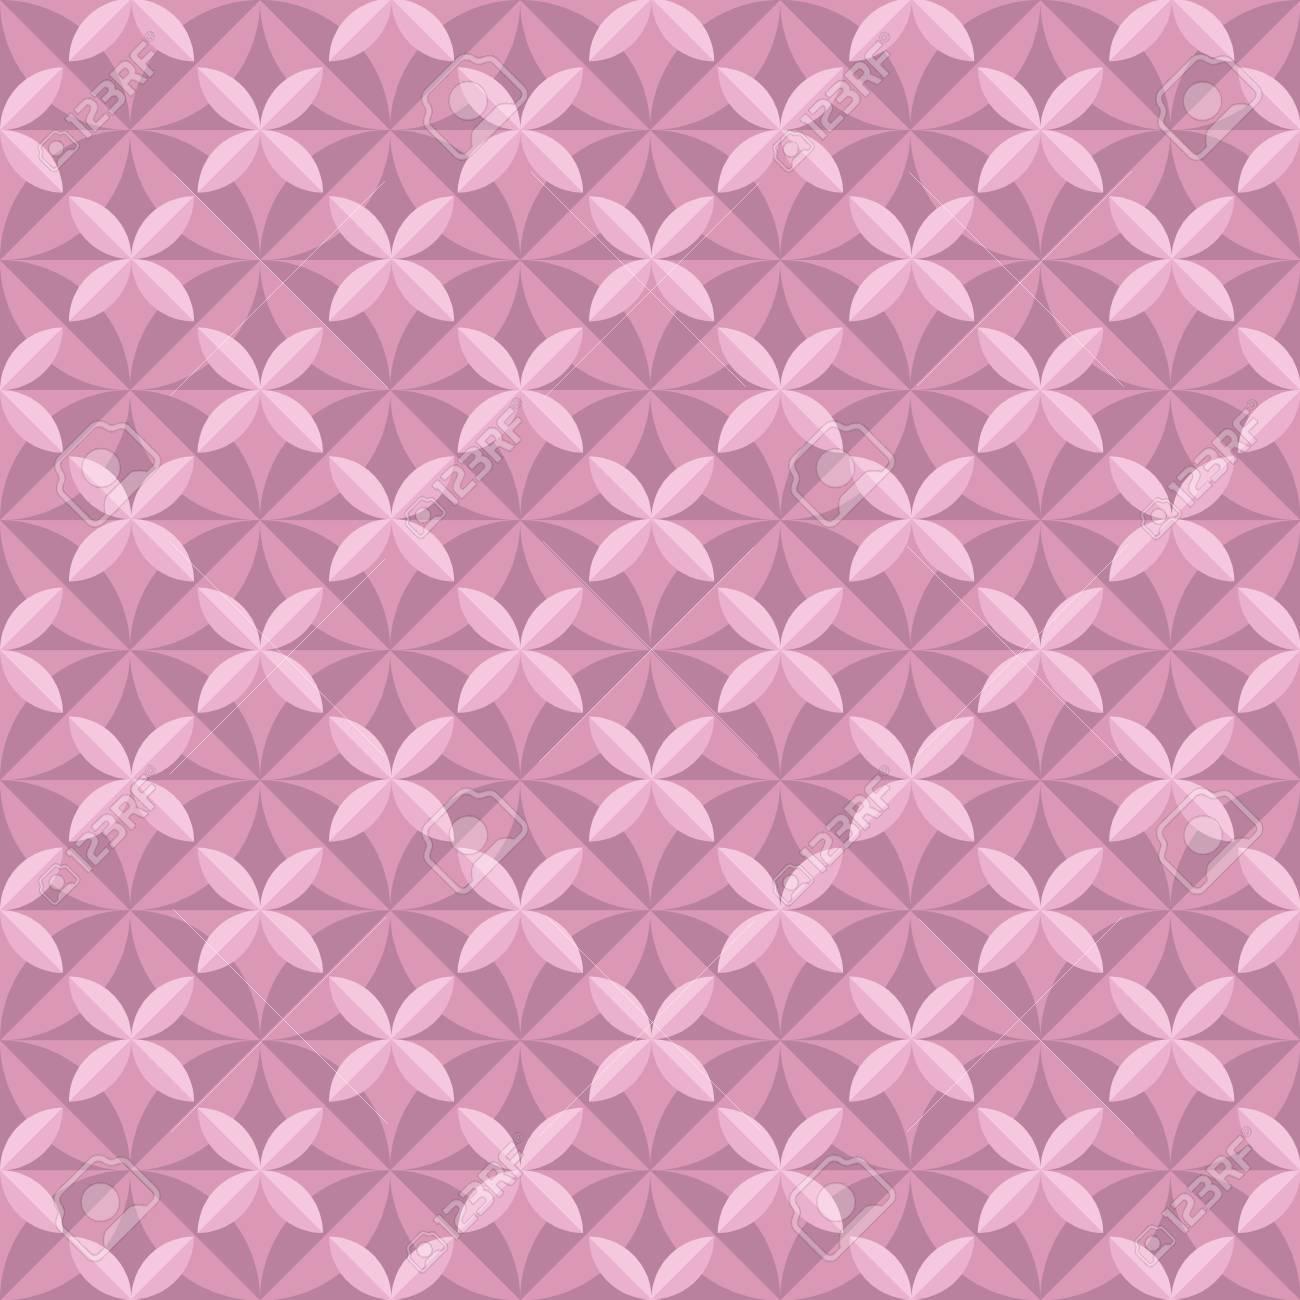 Delicato Colore Viola Pallido 8 piastrelle di colore pallido viola incisione vintage retrò stile modello  di geometria senza soluzione di continuità illustrazione vettoriale di